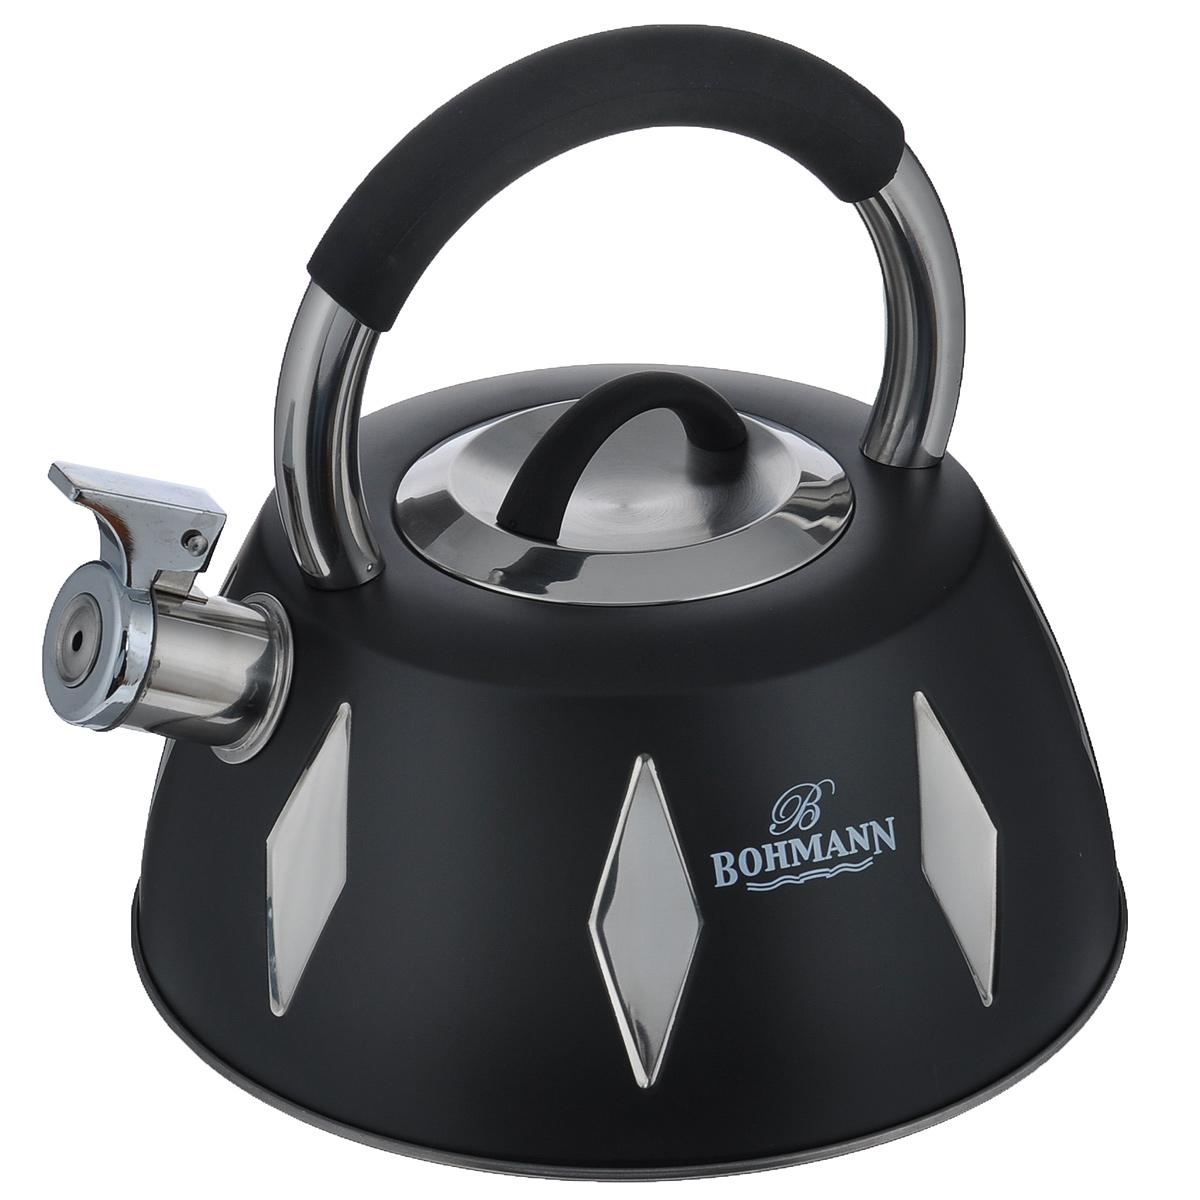 Чайник Bohmann со свистком, цвет: черный, 3,5 л. BH - 9948115510Чайник Bohmann изготовлен из высококачественной нержавеющей стали с цветным матовым покрытием. Нержавеющая сталь - материал, из которого в течение нескольких десятилетий во всем мире производятся столовые приборы, кухонные инструменты и различные аксессуары. Этот материал обладает высокой стойкостью к коррозии и кислотам. Прочность, долговечность и надежность этого материала, а также первоклассная обработка обеспечивают практически неограниченный запас прочности и неизменно привлекательный внешний вид. Чайник оснащен удобной ручкой с цветной силиконовой вставкой, что предотвращает появление ожогов и обеспечивает безопасность использования. Носик чайника имеет откидной свисток, который подскажет, когда вода закипела. Можно использовать на газовых, электрических, галогеновых, стеклокерамических, индукционных плитах. Можно мыть в посудомоечной машине.